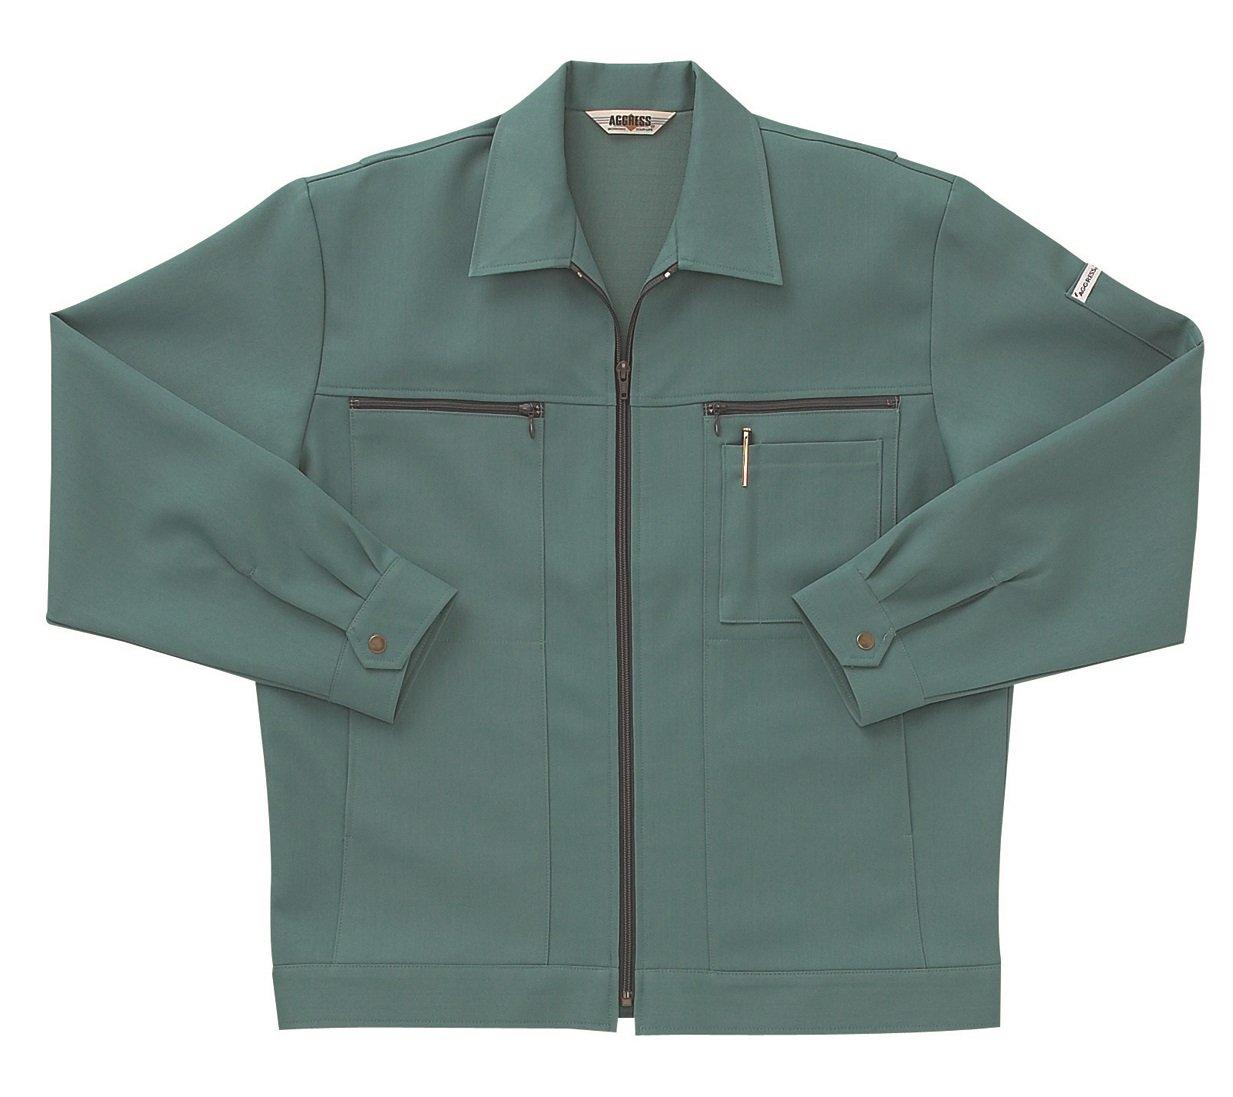 [サンエス]SUN-S【長袖ジャンパー】高級感ある杢調の二重織り裏綿素材《099-AG4010》 B00PUKE448 XL|47 アルペングリーン